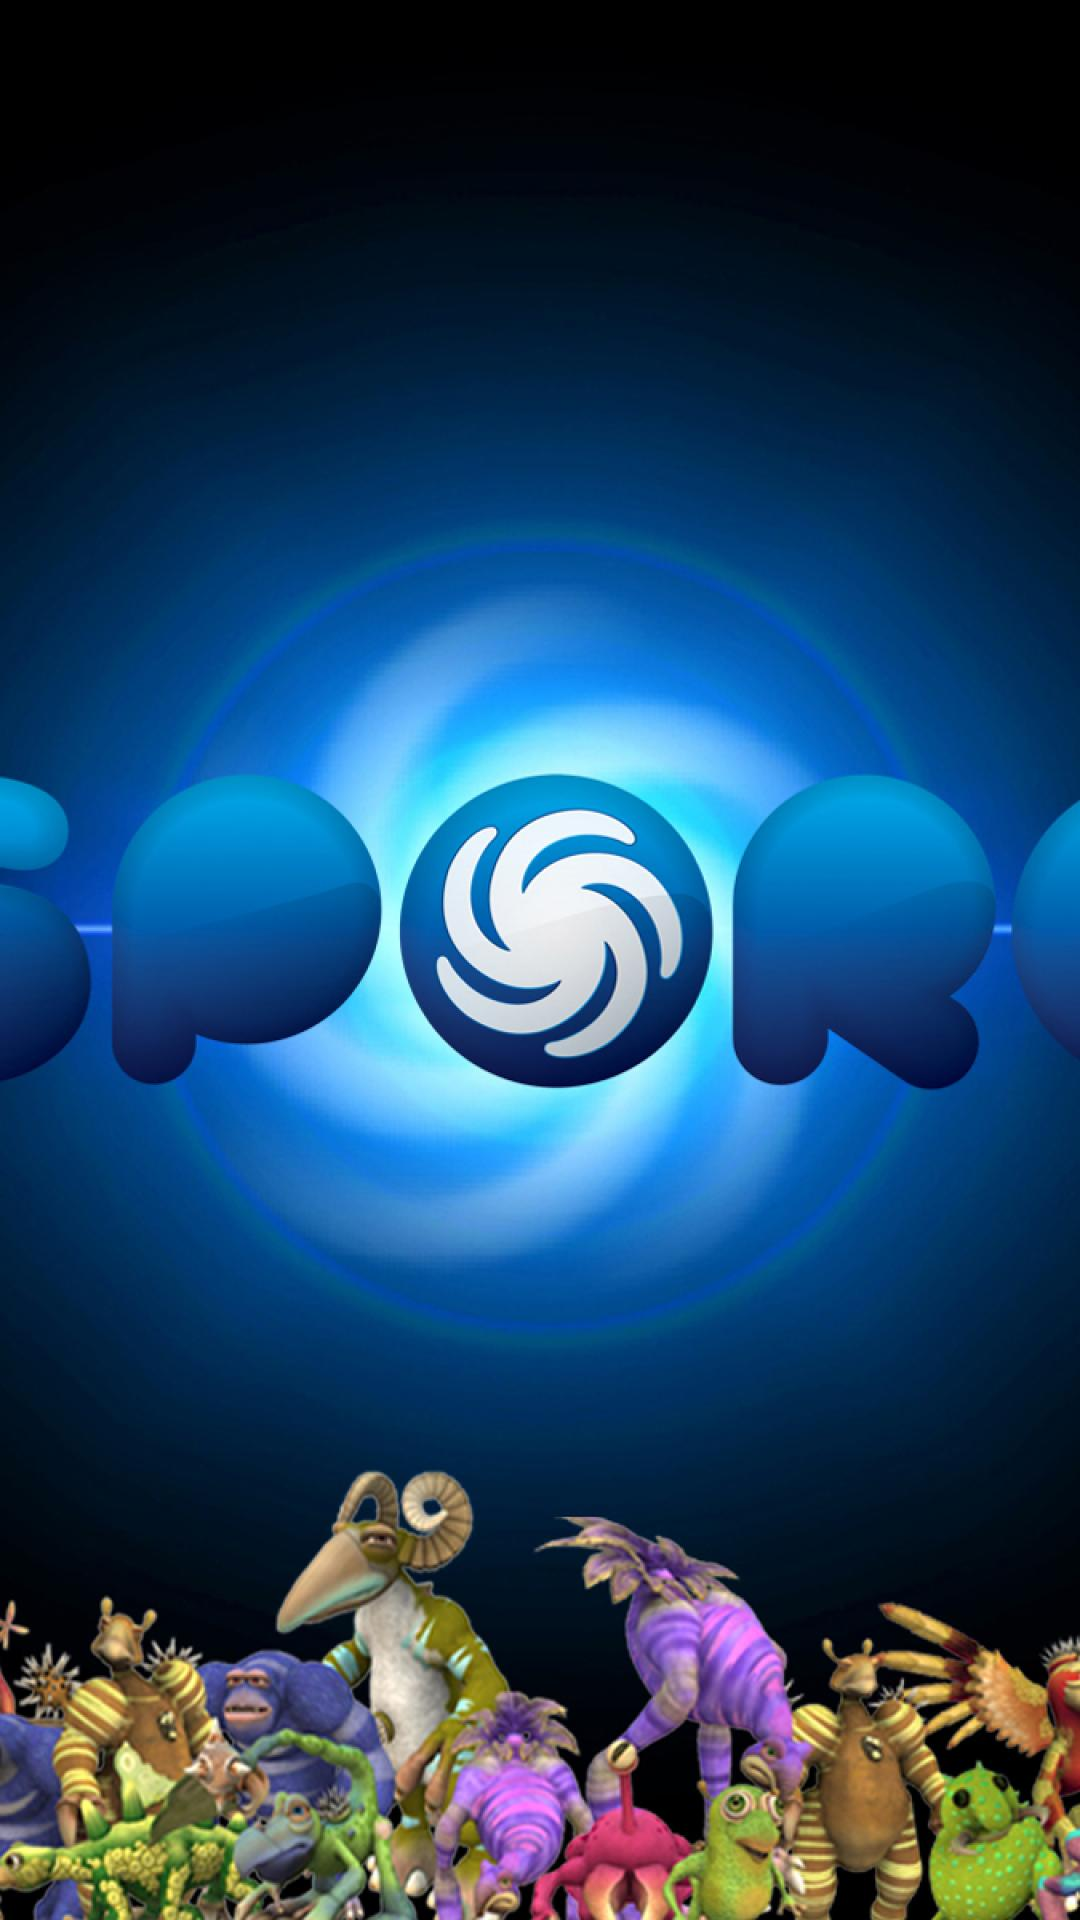 spore games bh 1080x1920